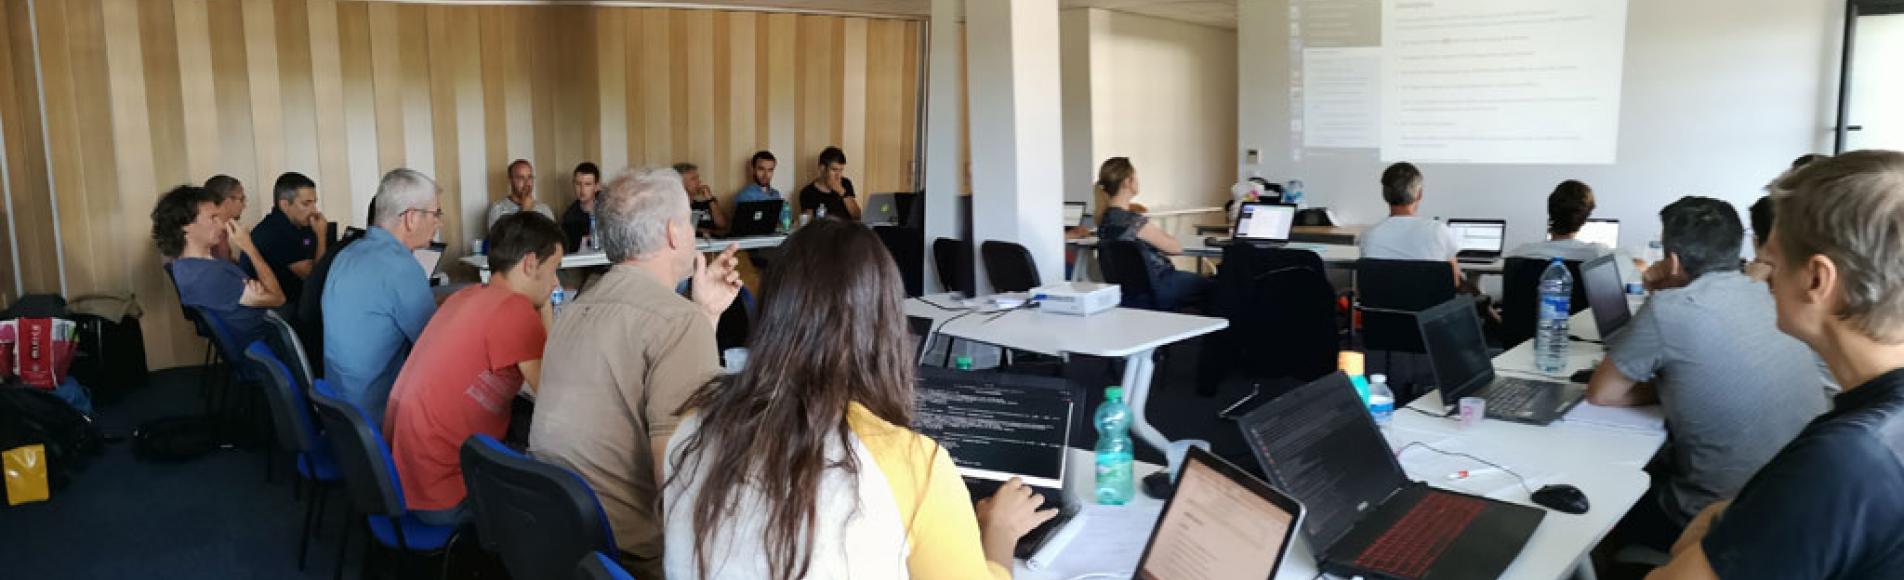 Une communauté d'utilisateurs pour des outils open source animée par le Parc national des Ecrins